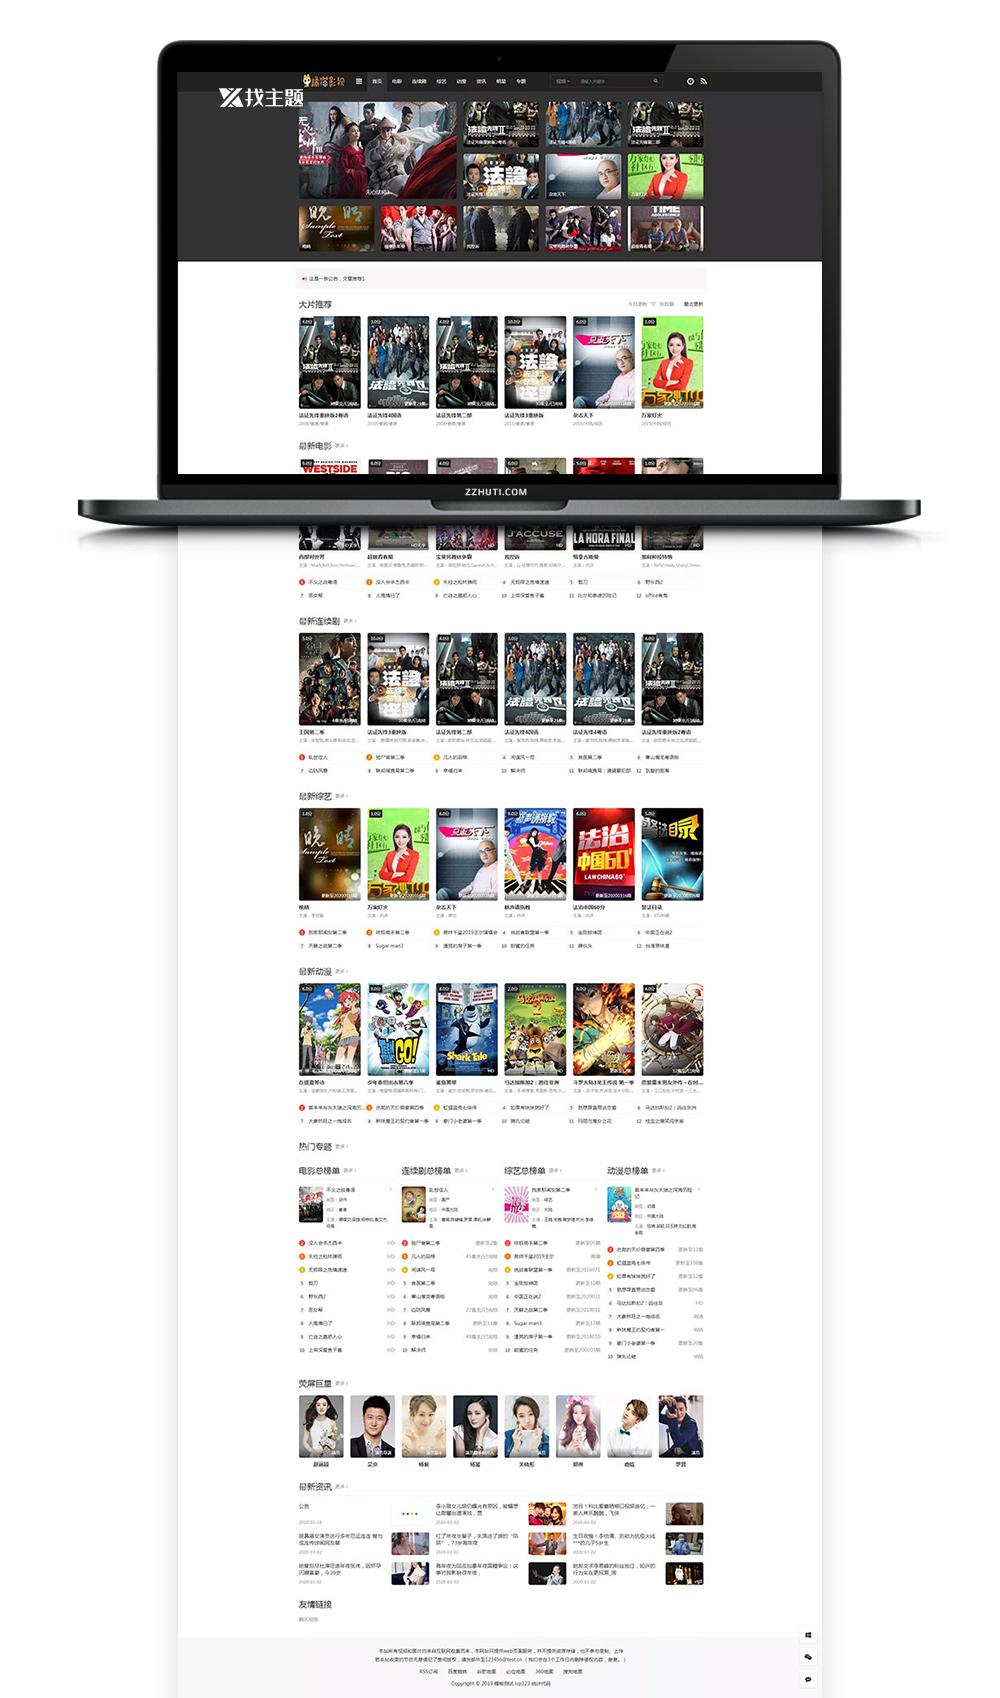 【苹果cmsV10模板】小屏精致灰色风格首涂第二十六套主题模板 带后台无加密版-找主题源码